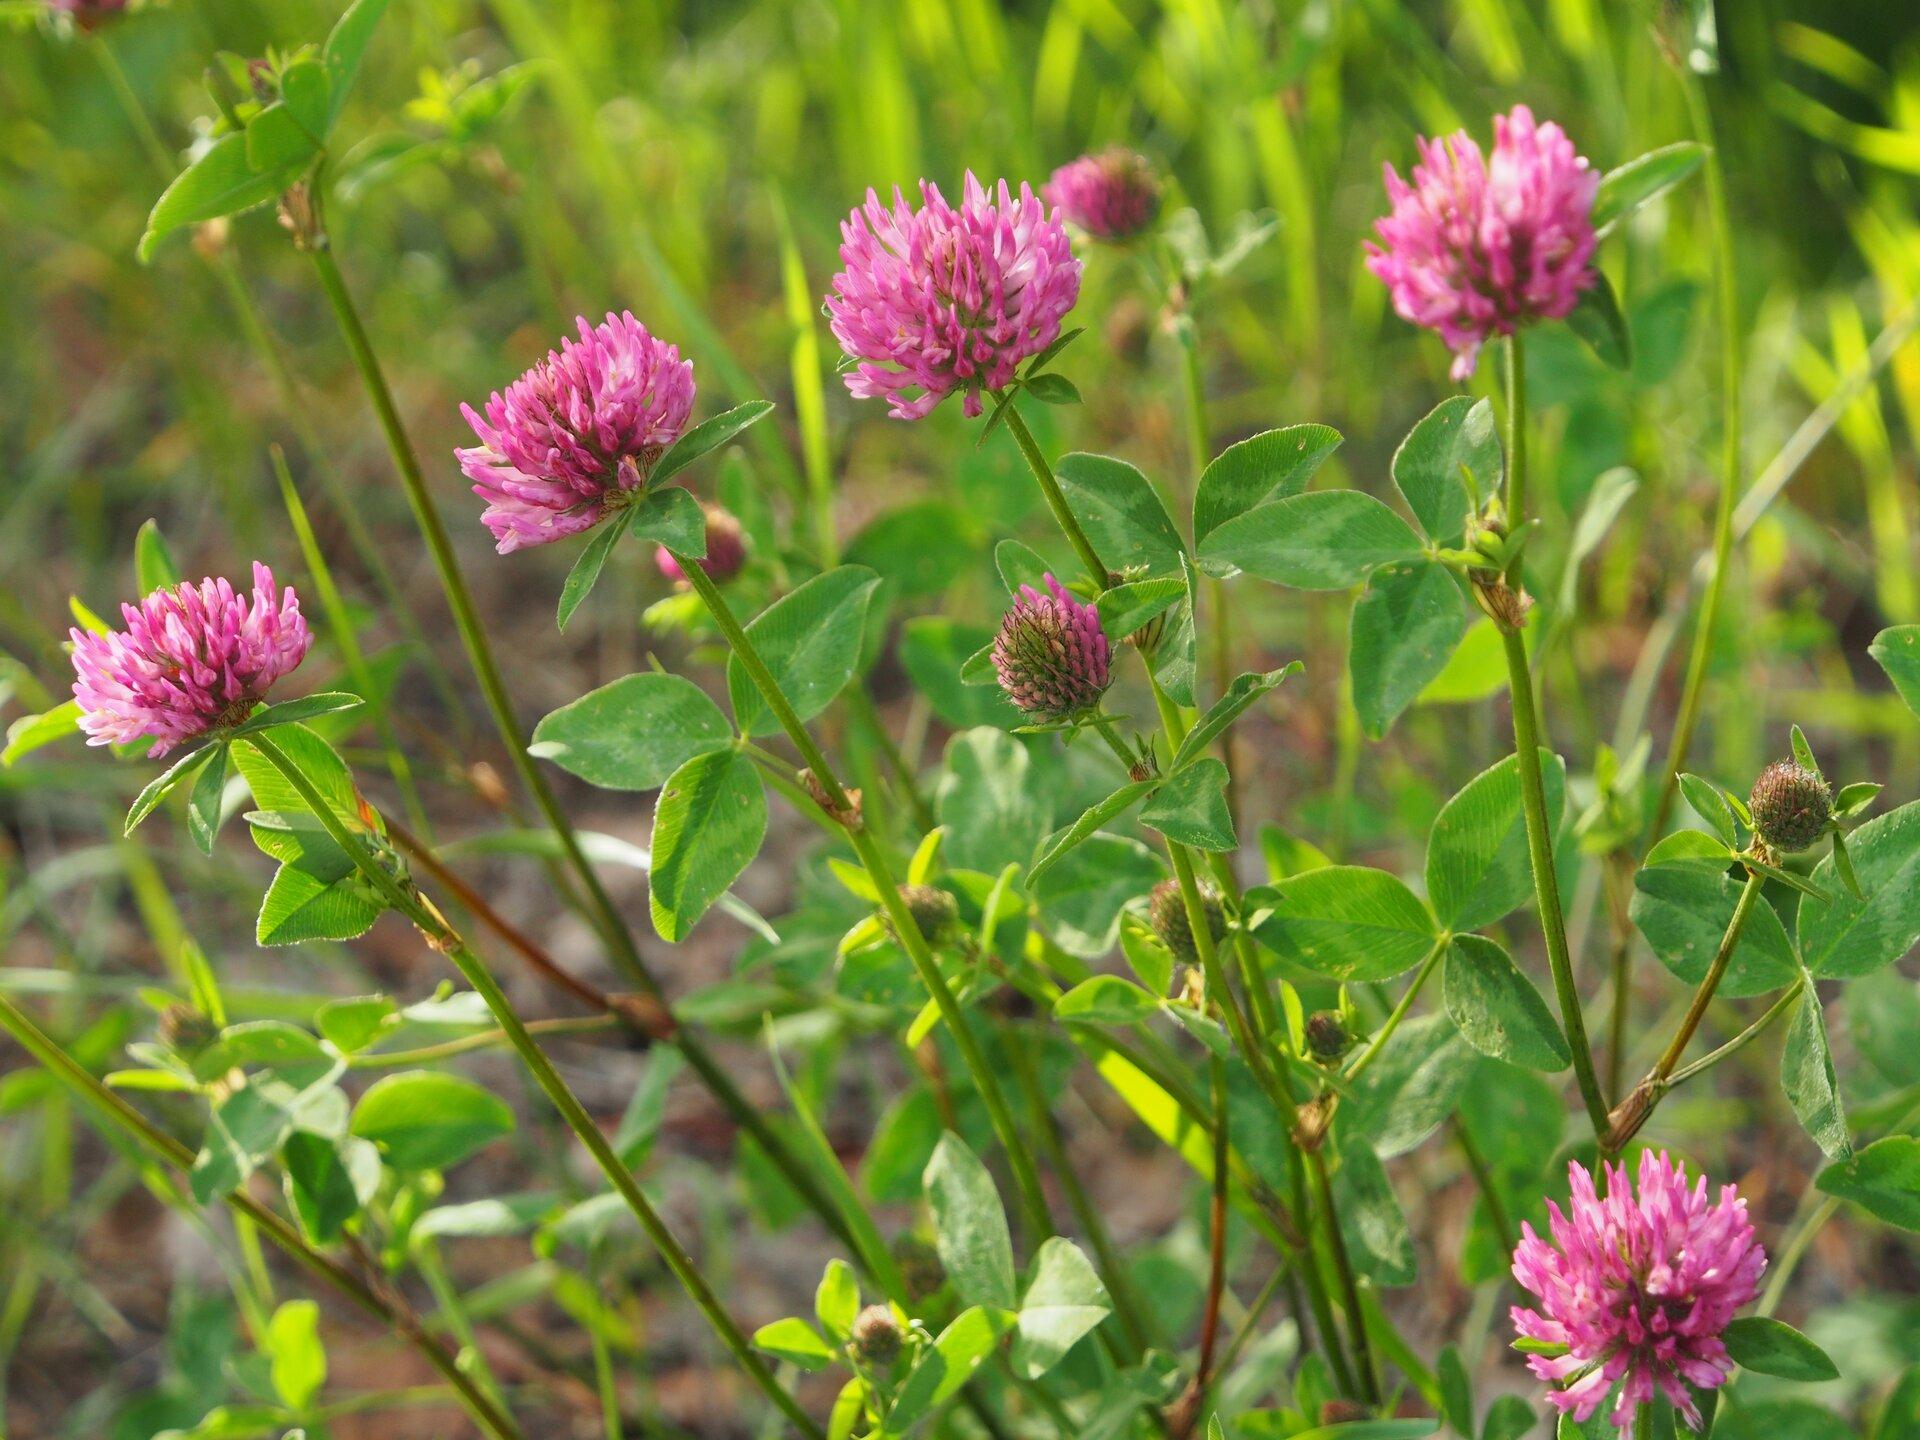 Fotografia przedstawia kępę różowo kwitnącej koniczyny łąkowej. Koniczyna ma trójdzielne, ciemnozielone liście. Łodygi wzniesione wysoko, na szczytach kuliste kwiatostany. Wokół inne, niekwitnące rośliny.